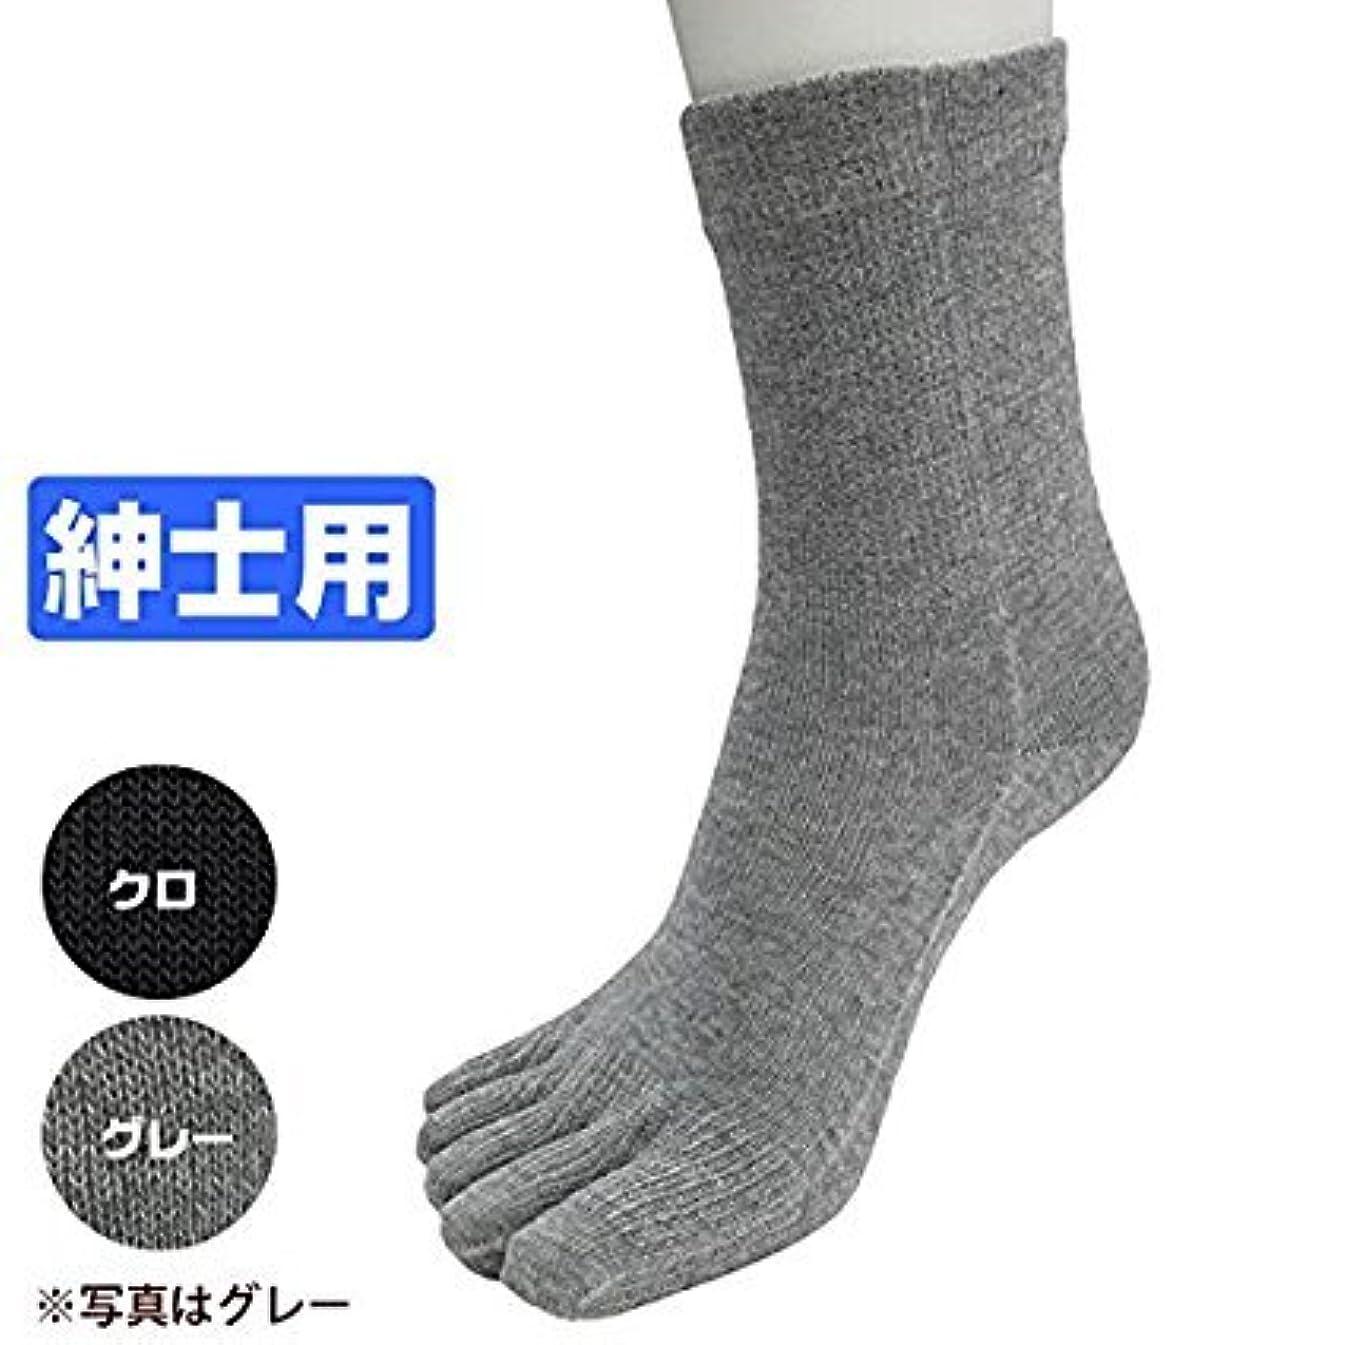 不健全クリップハイキングに行くひだまり 5本指ソックス 紳士用 靴下[24~26cm]オールシーズンタイプ (クロ)